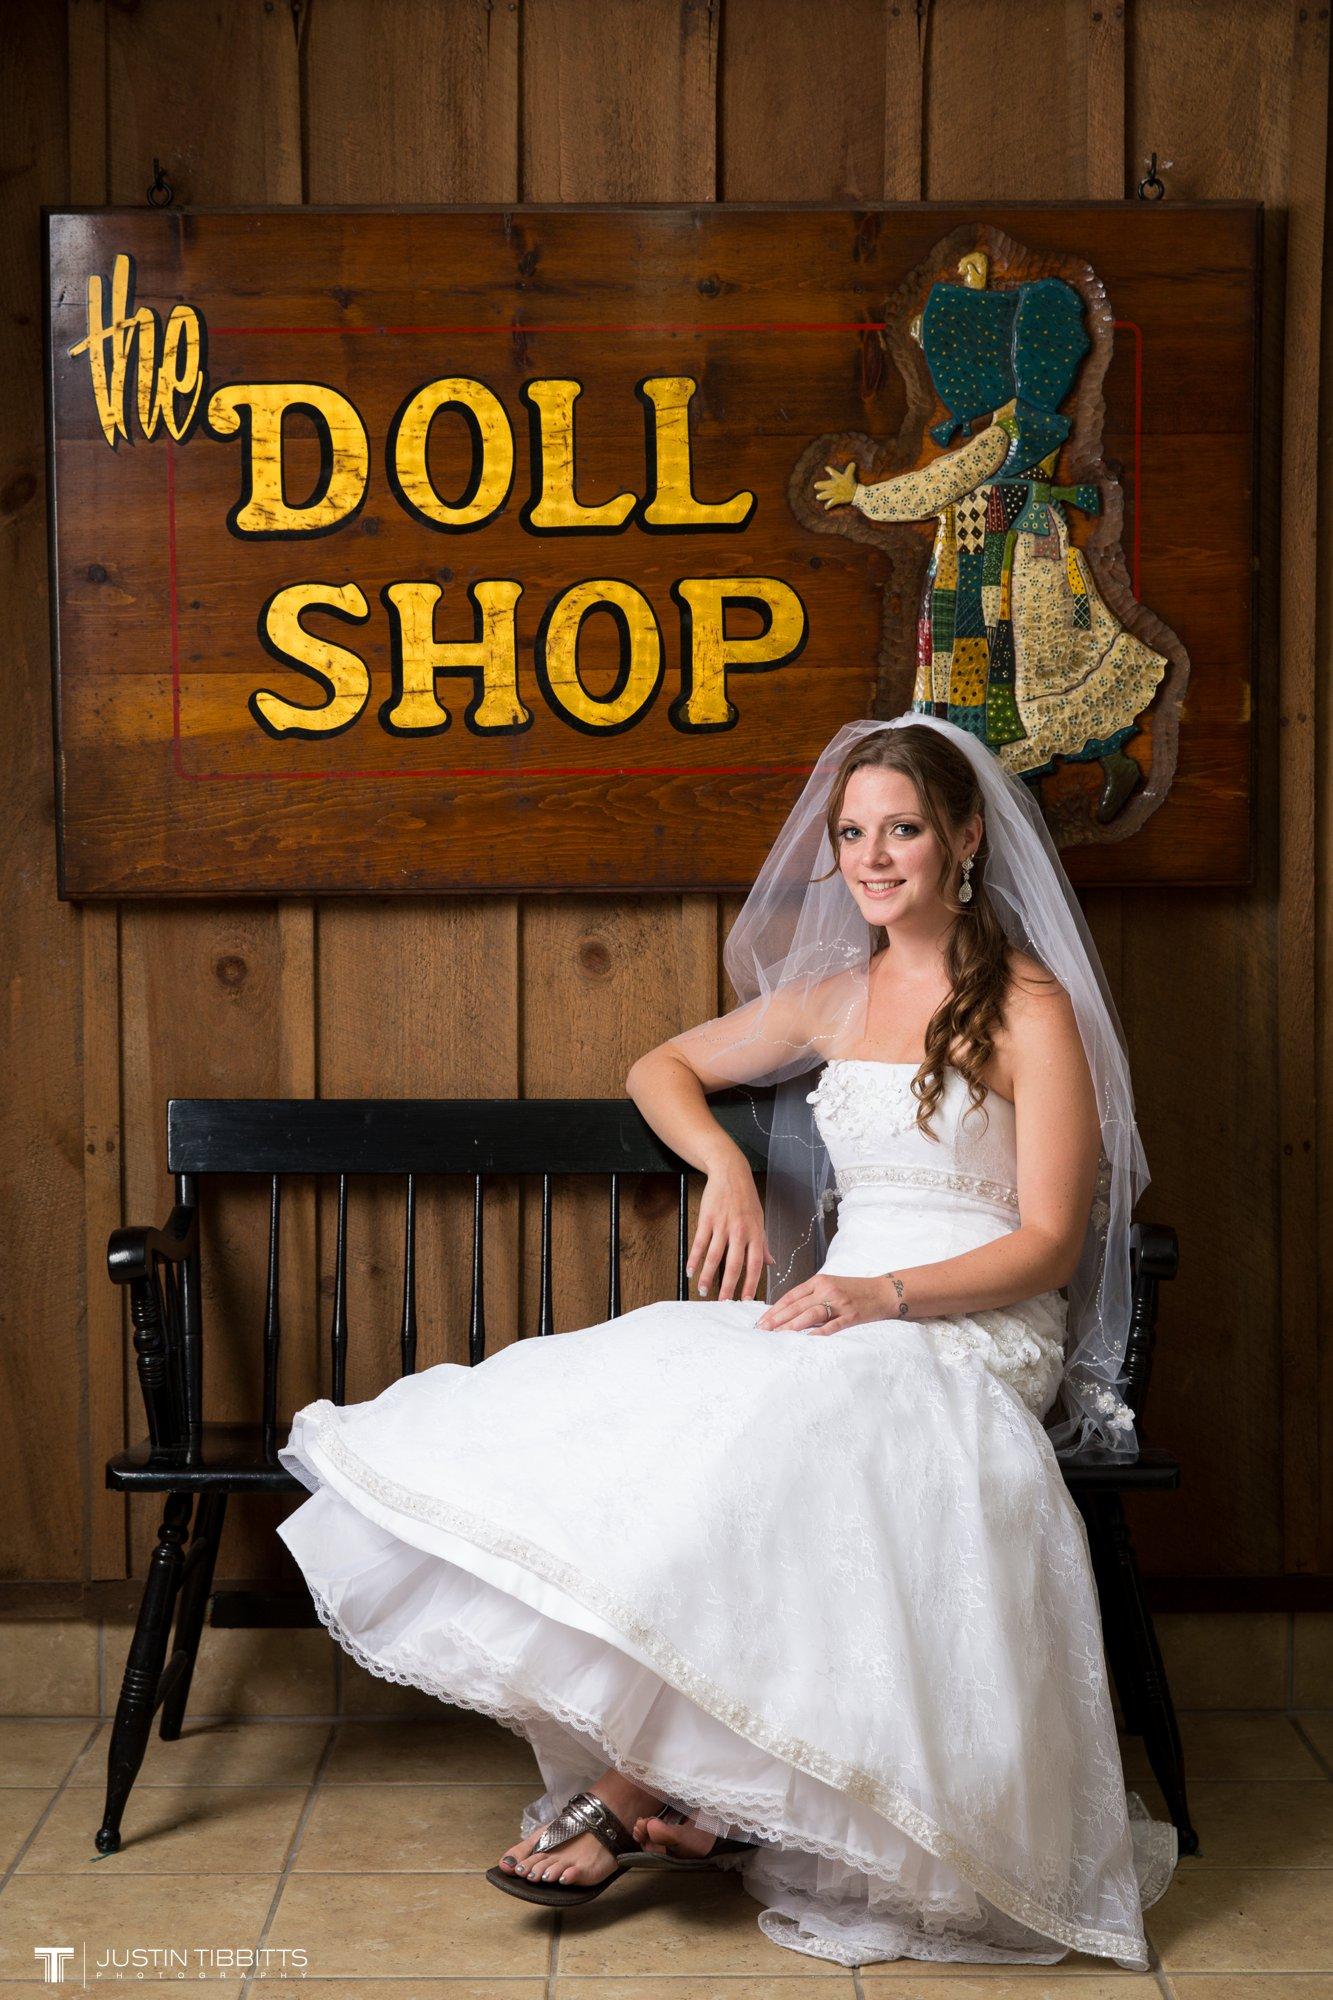 Albany NY Wedding Photographer Justin Tibbitts Photography Best of Albany NY Weddings 201468